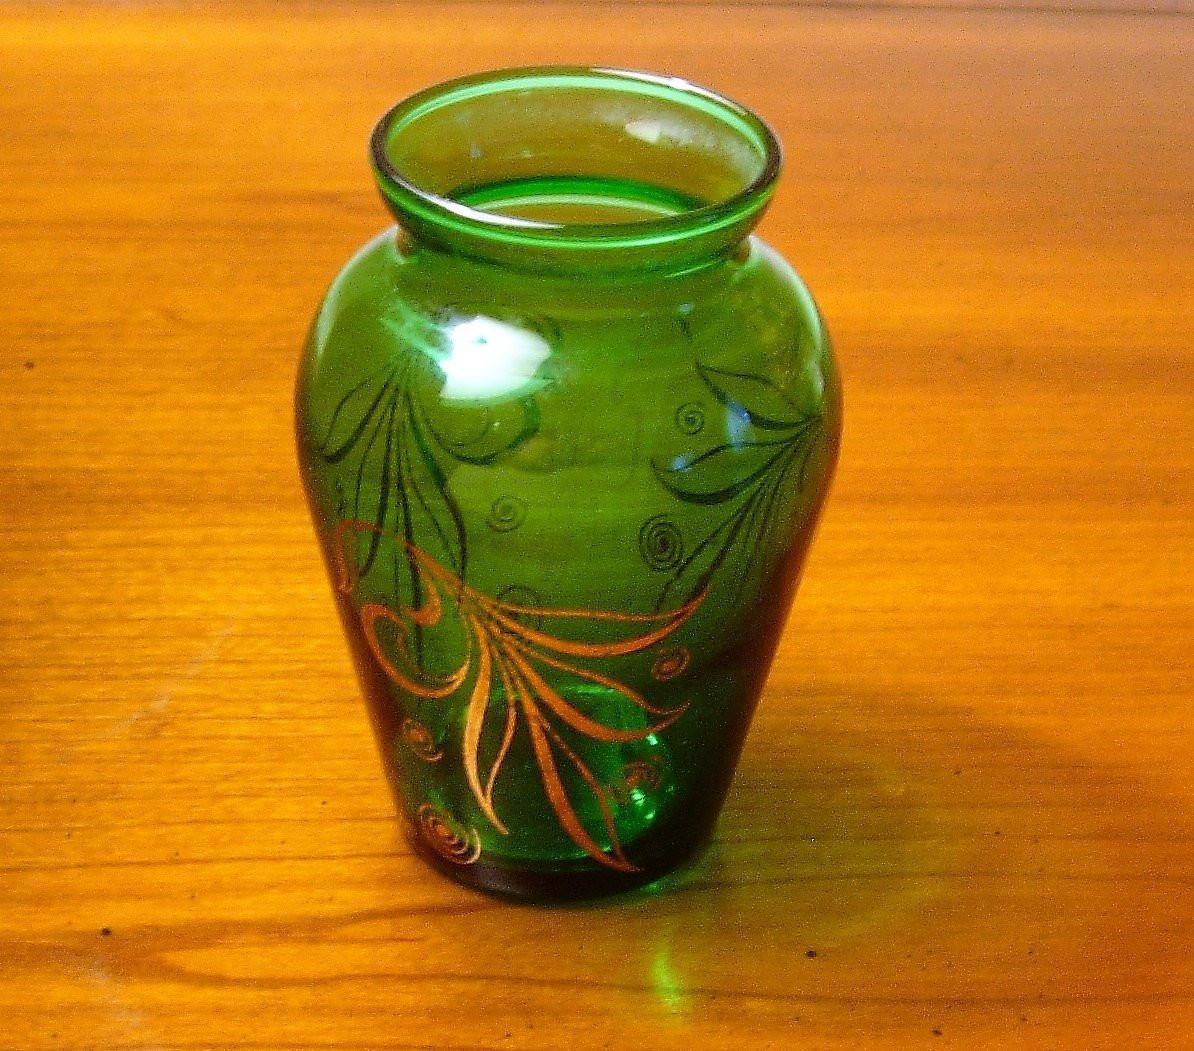 vintage glass flower vases of vintage green glass vase gold design small vase 1950s etsy in dc29fc294c28ezoom